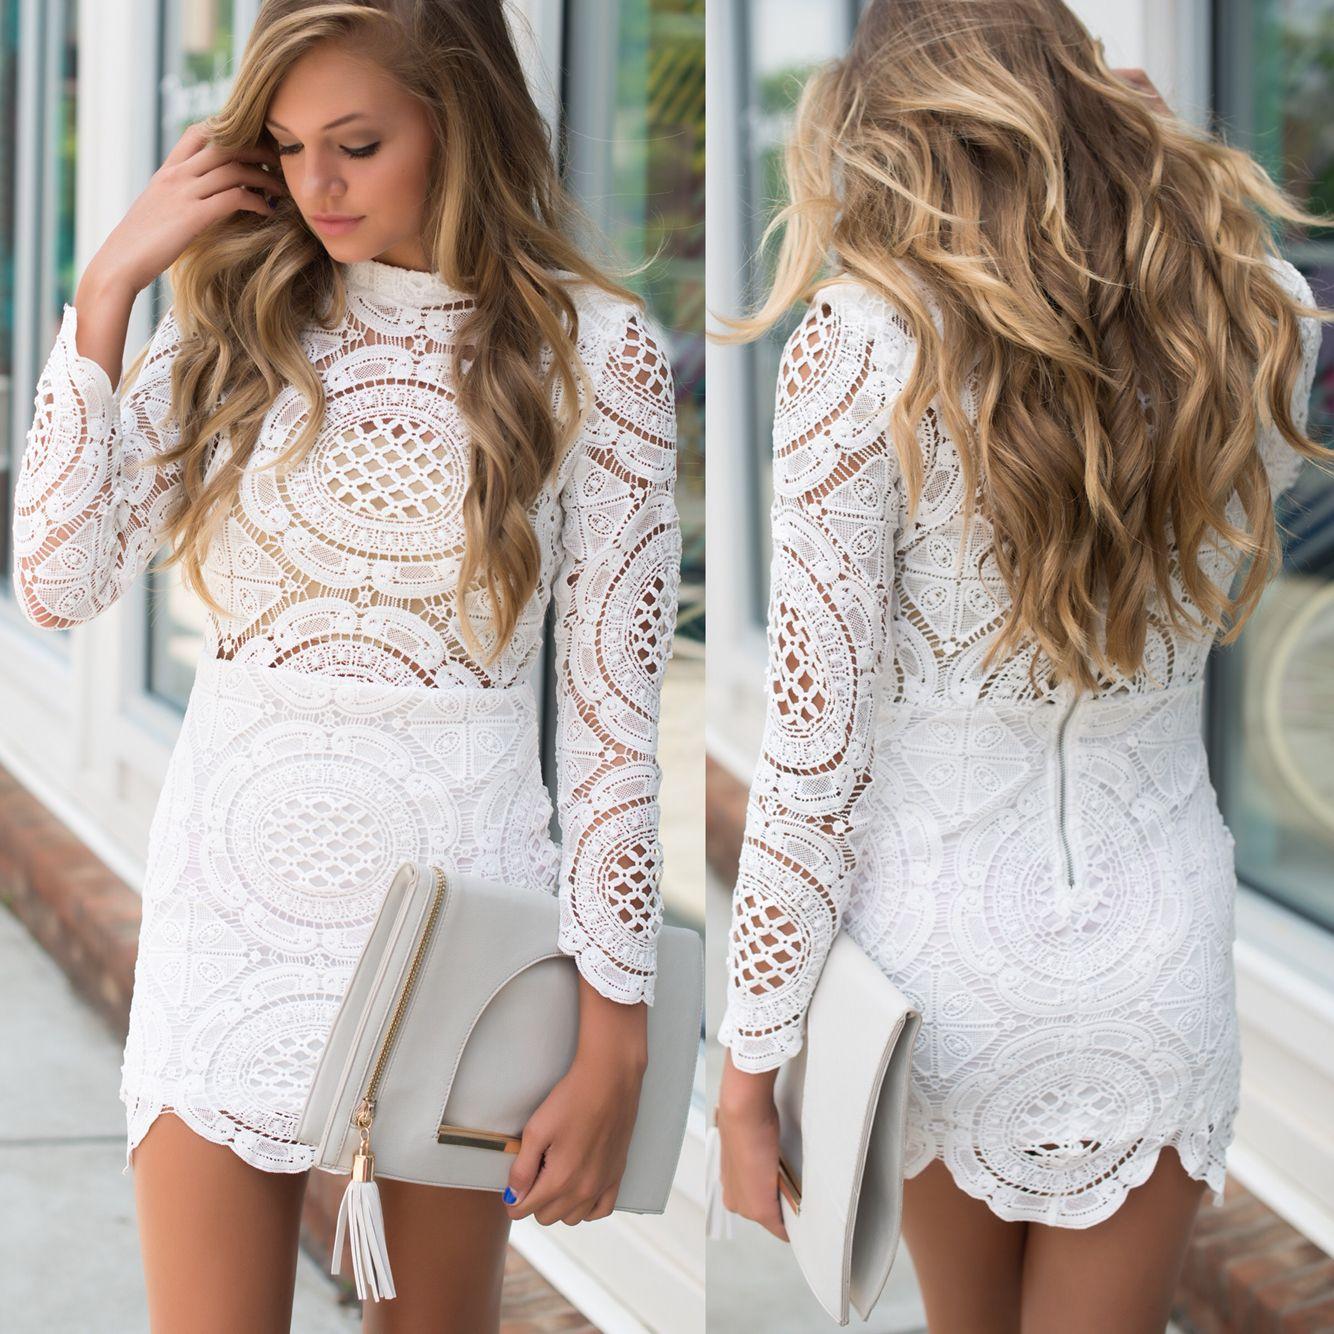 Lace dress #swoonboutique